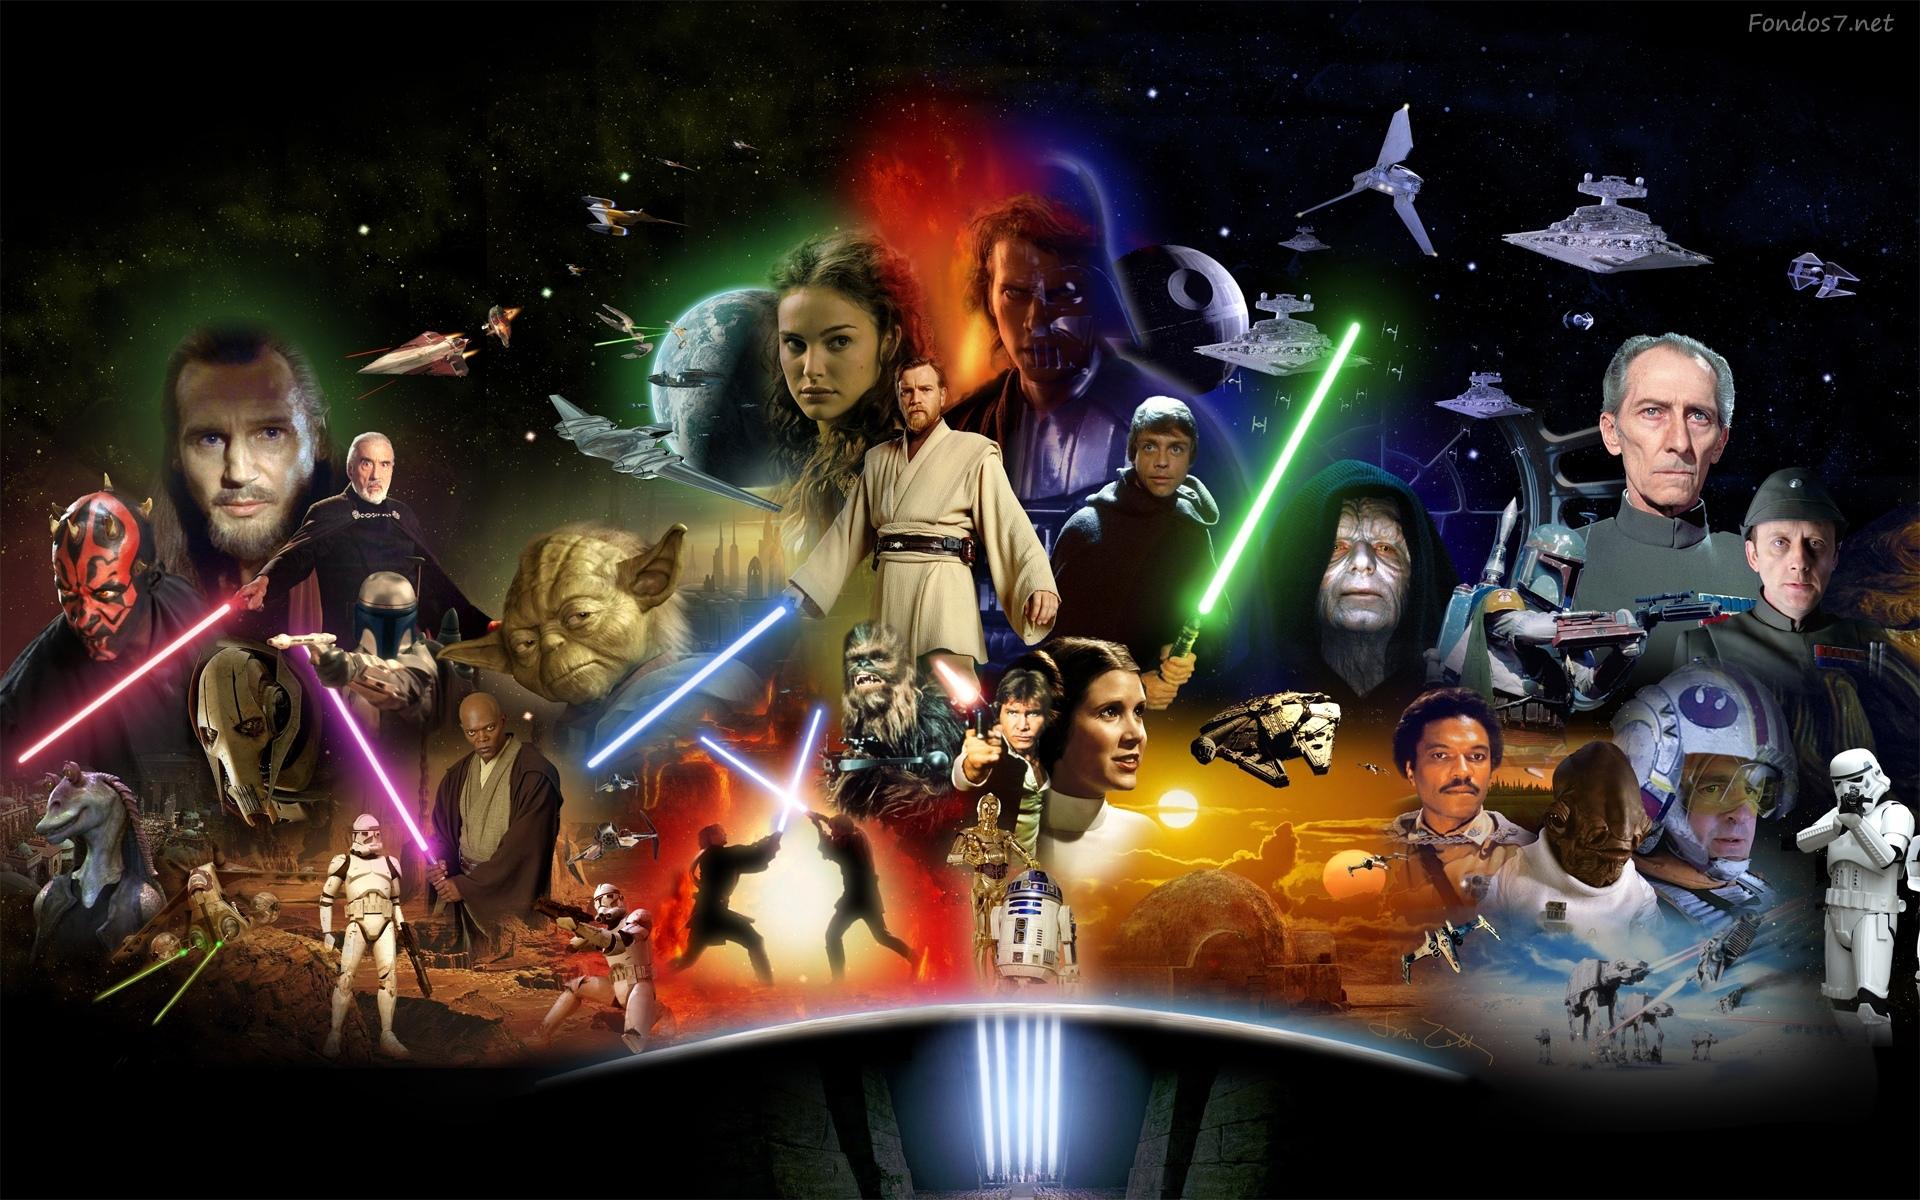 Star Wars Wallpaper Widescreen 4